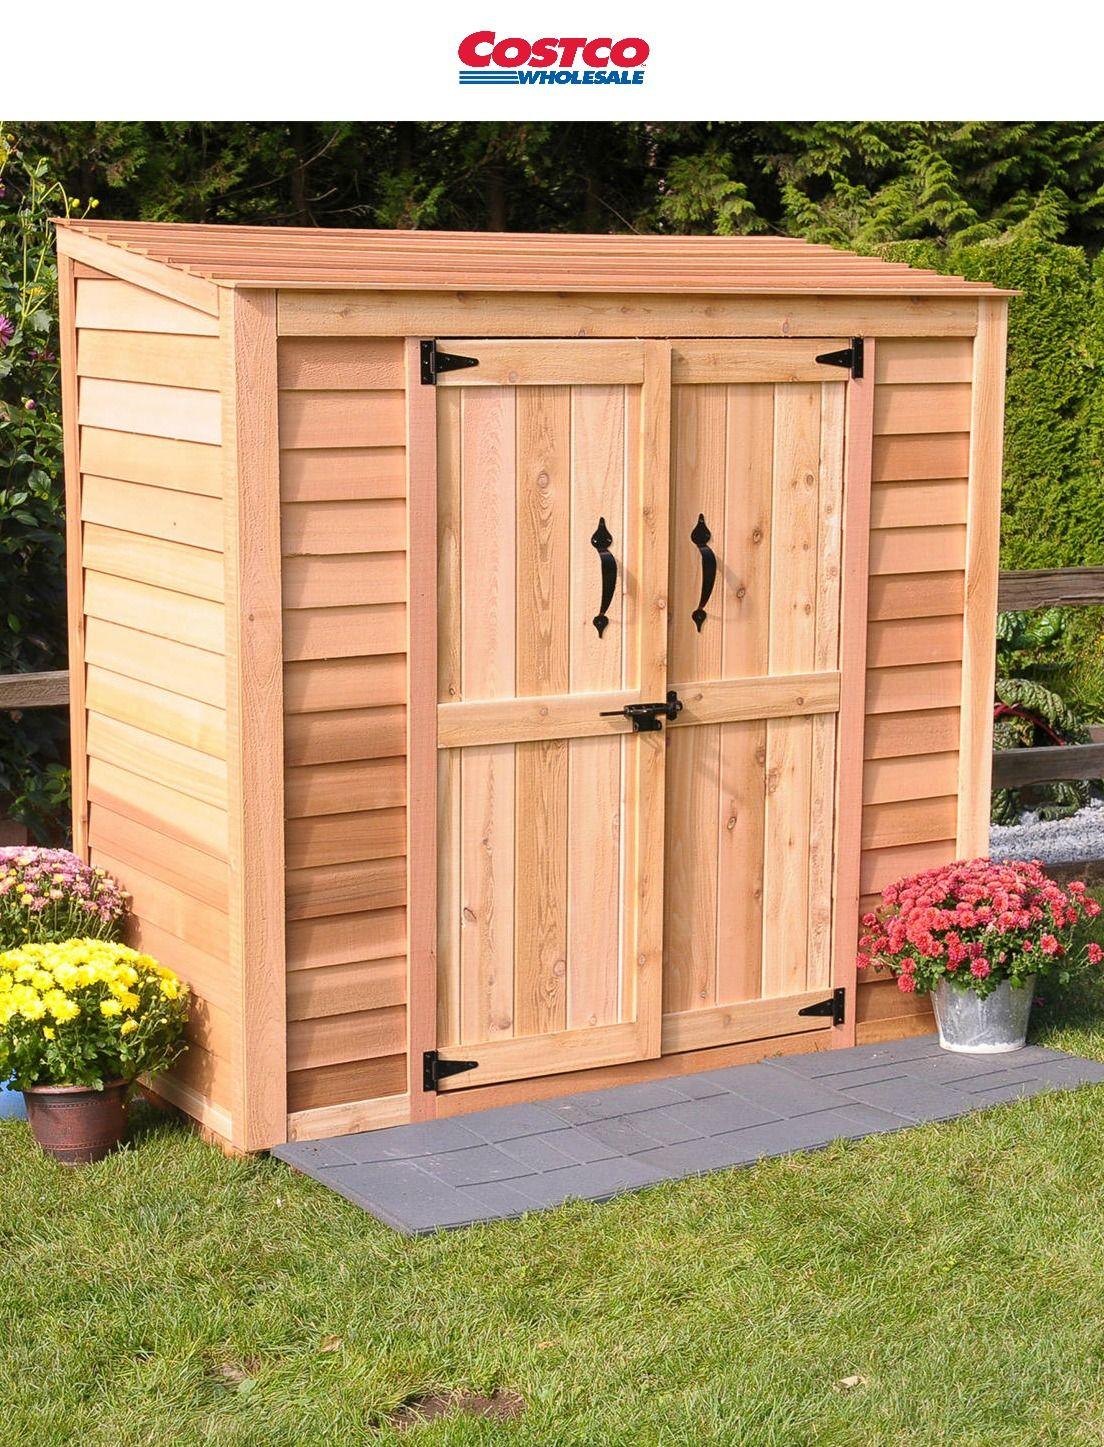 6 X 3 Cedar Garden Storage Shed Shed Storage Garden Storage